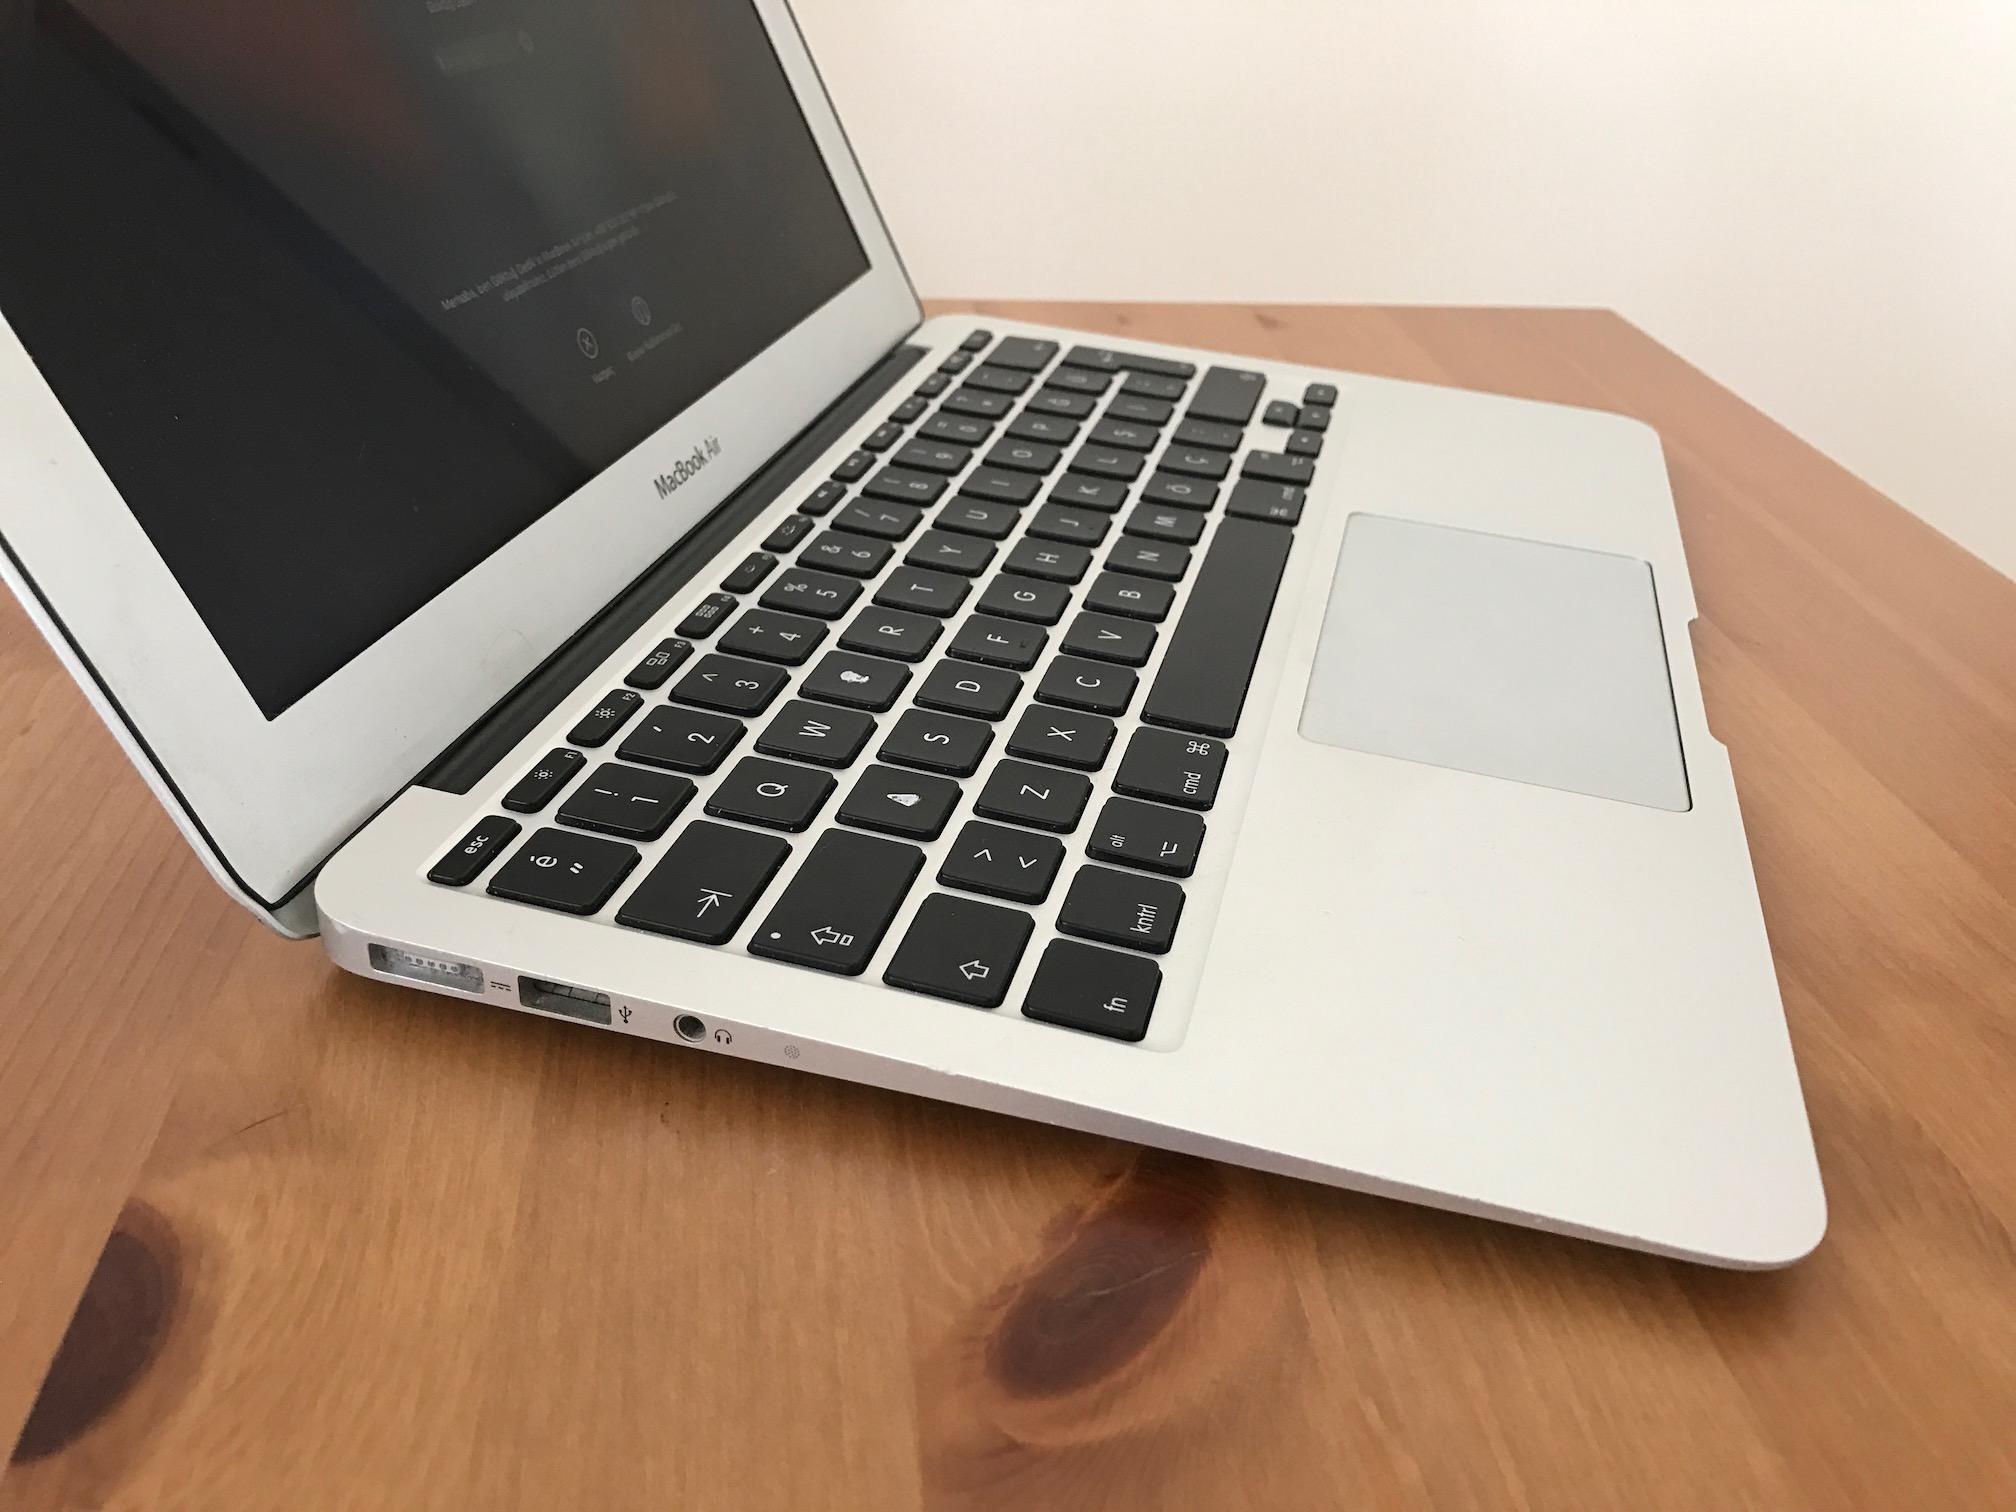 macbook-air-2.JPG